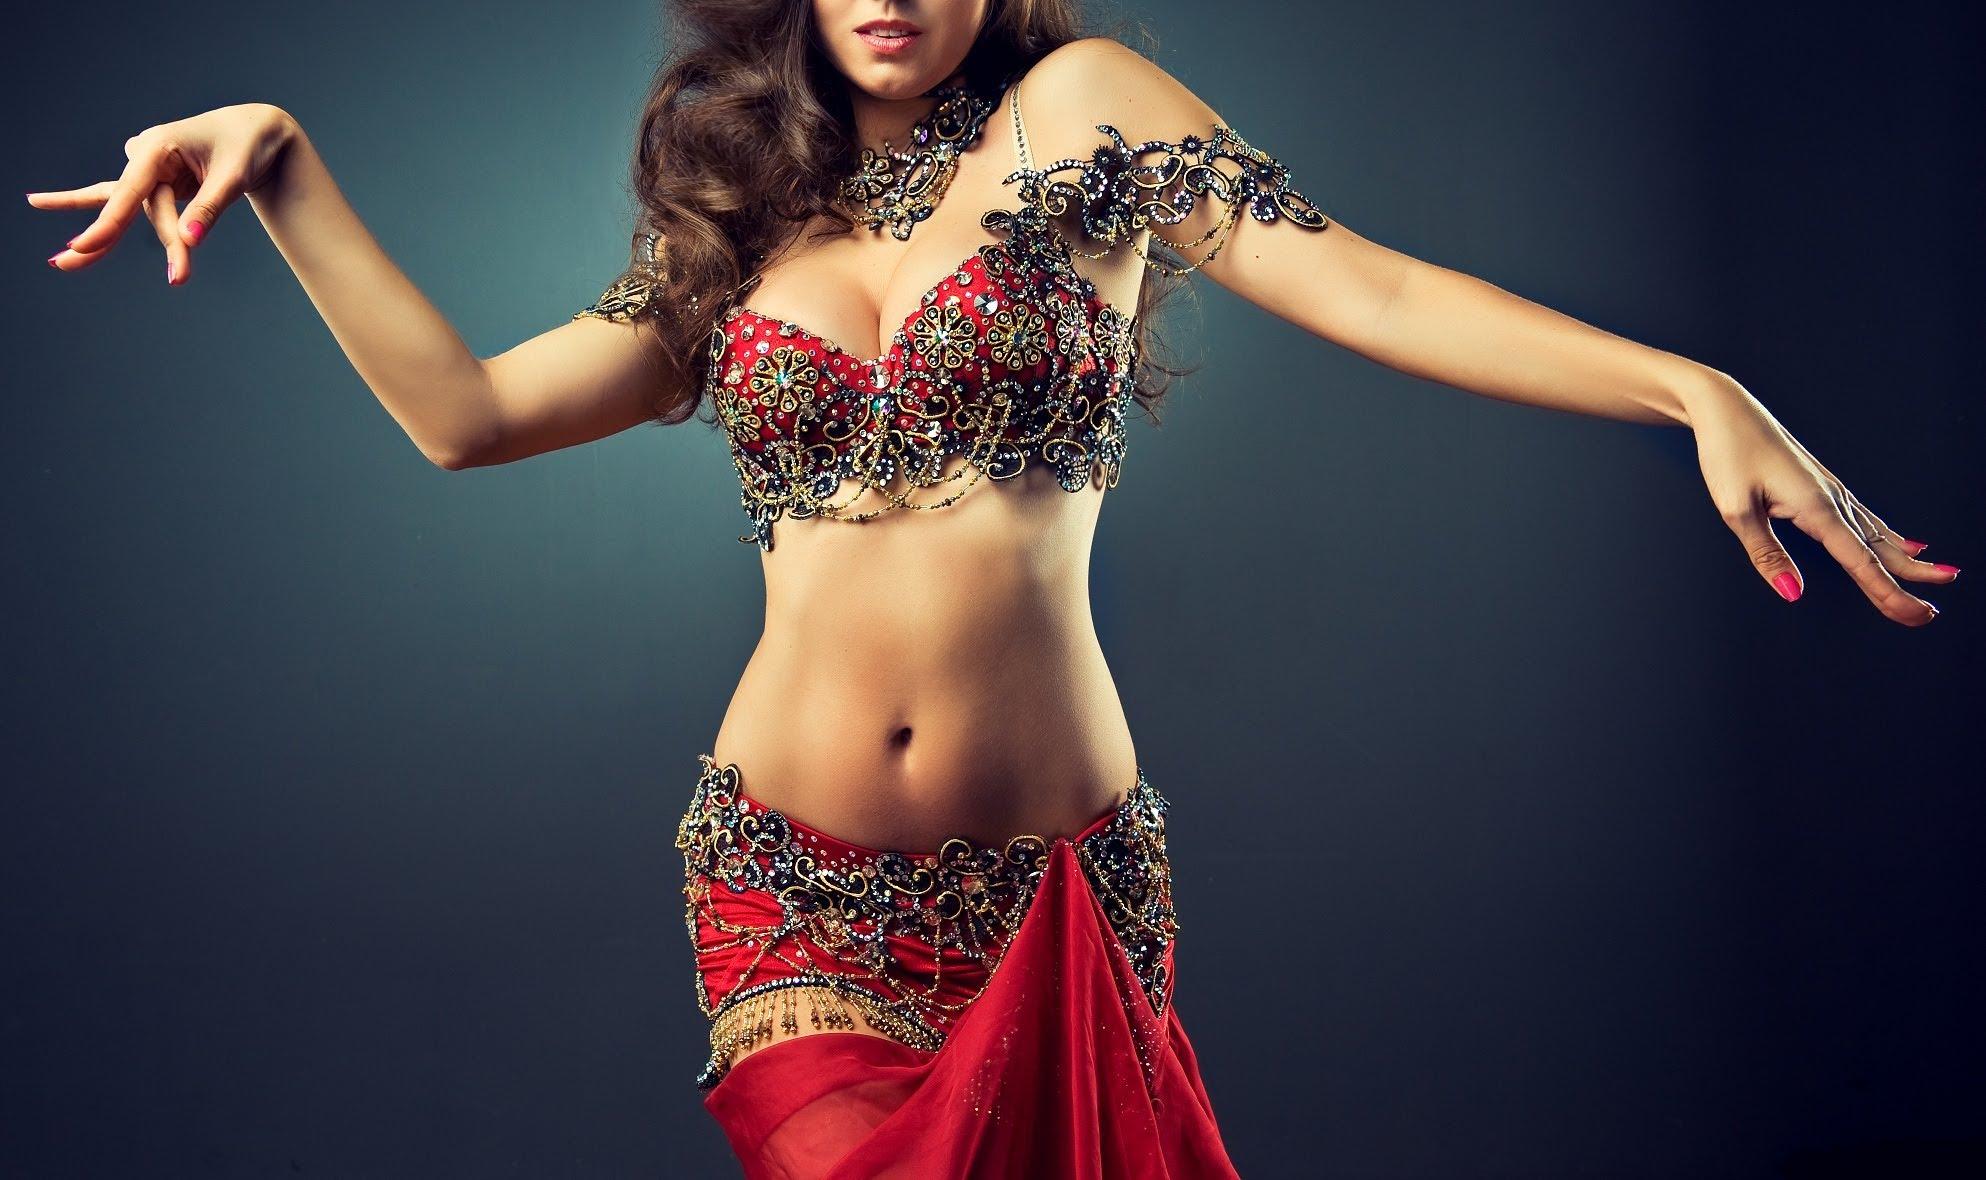 Indian woman striptease 13